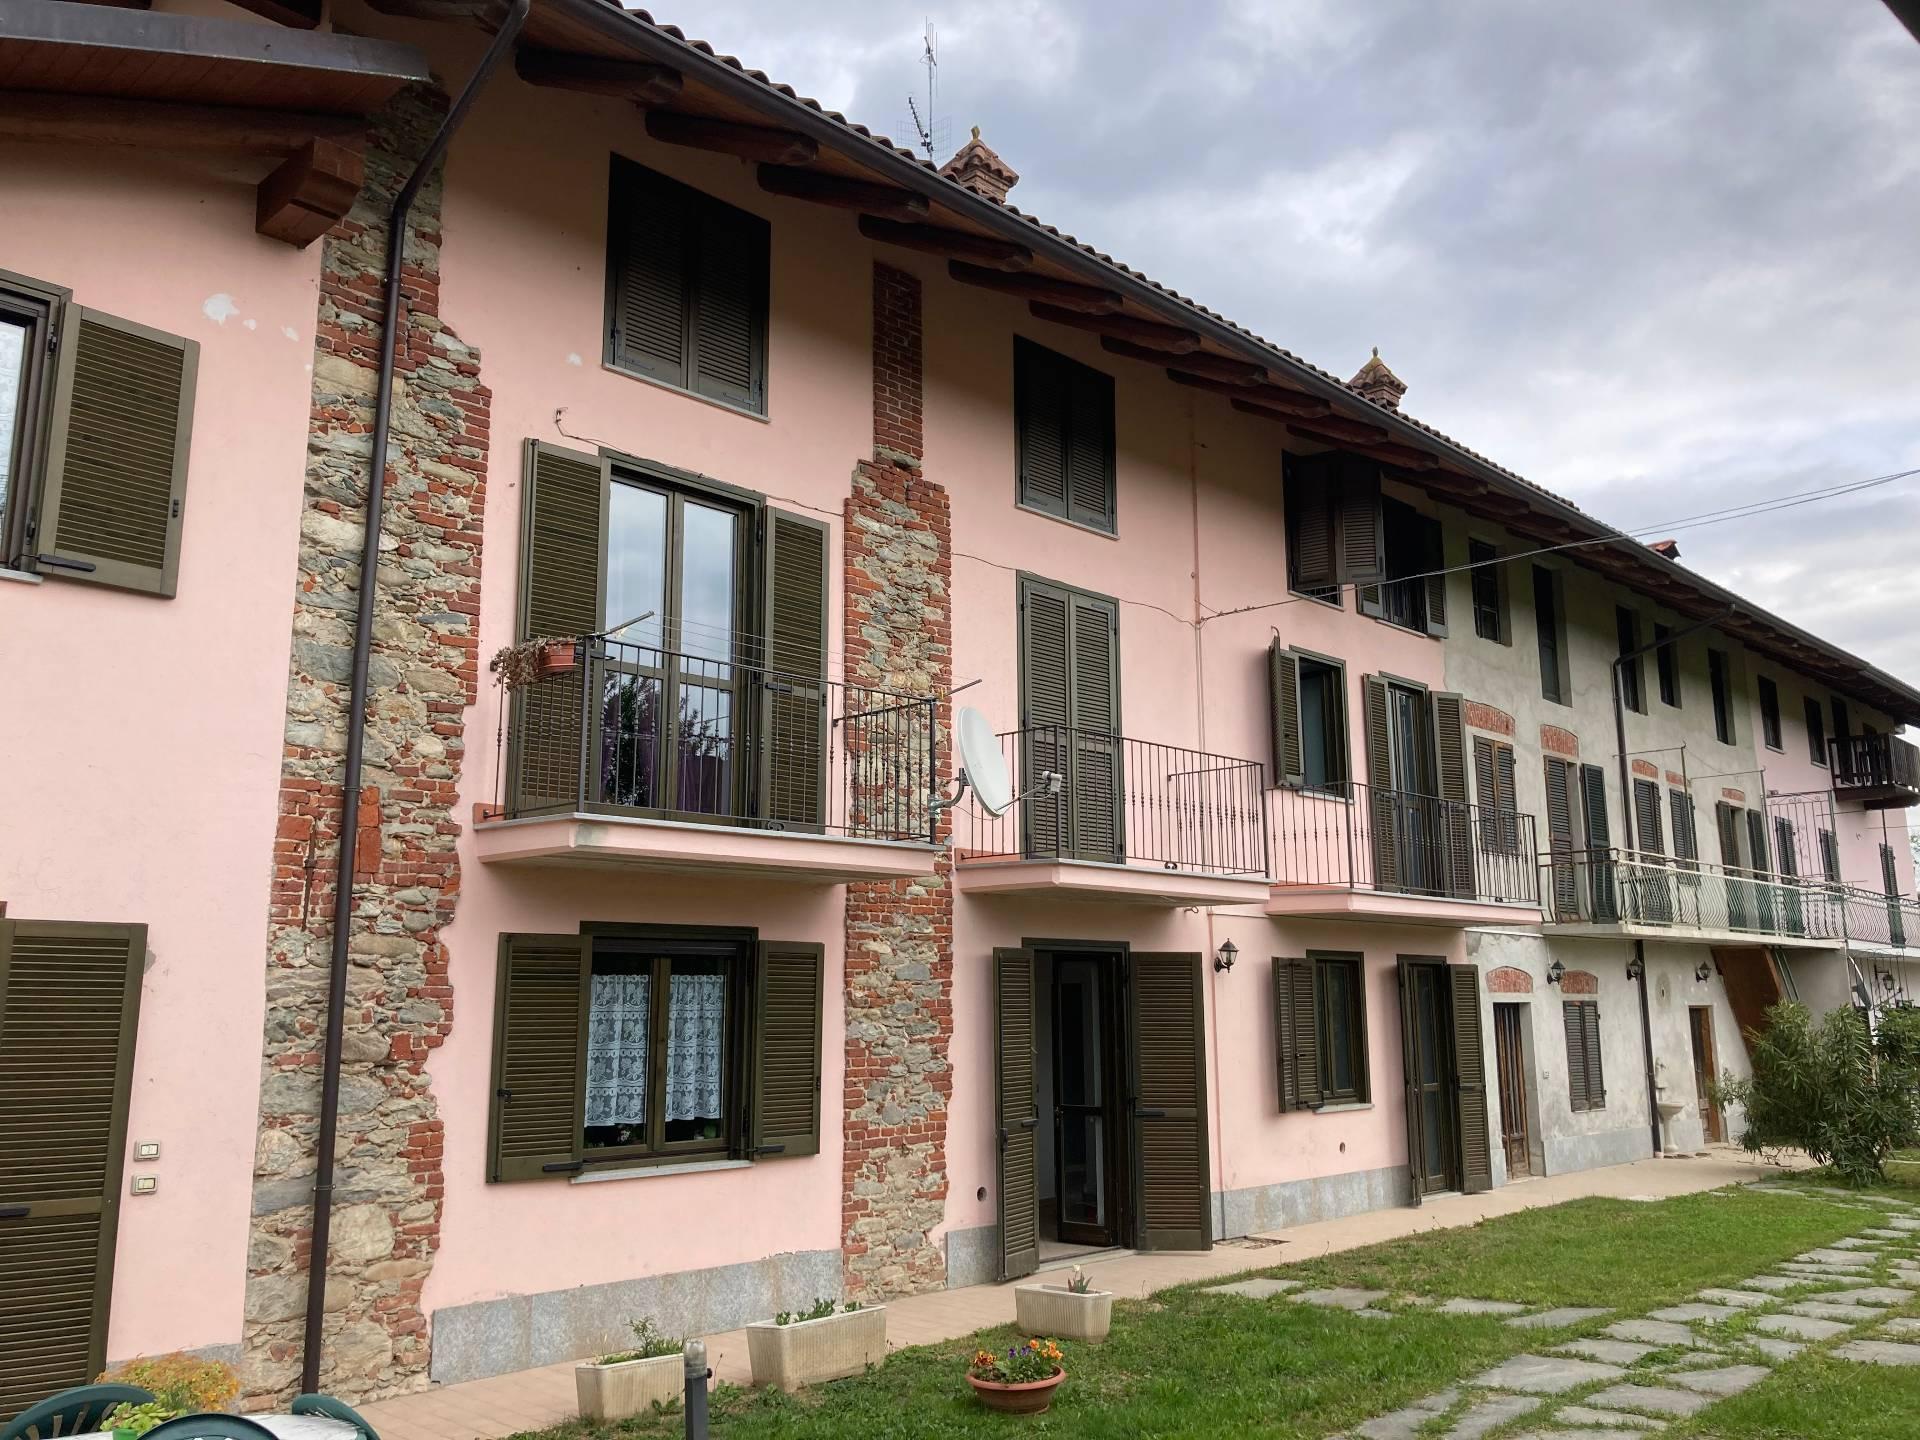 Rustico / Casale in affitto a Barbania, 5 locali, zona Località: Piana, prezzo € 600 | PortaleAgenzieImmobiliari.it